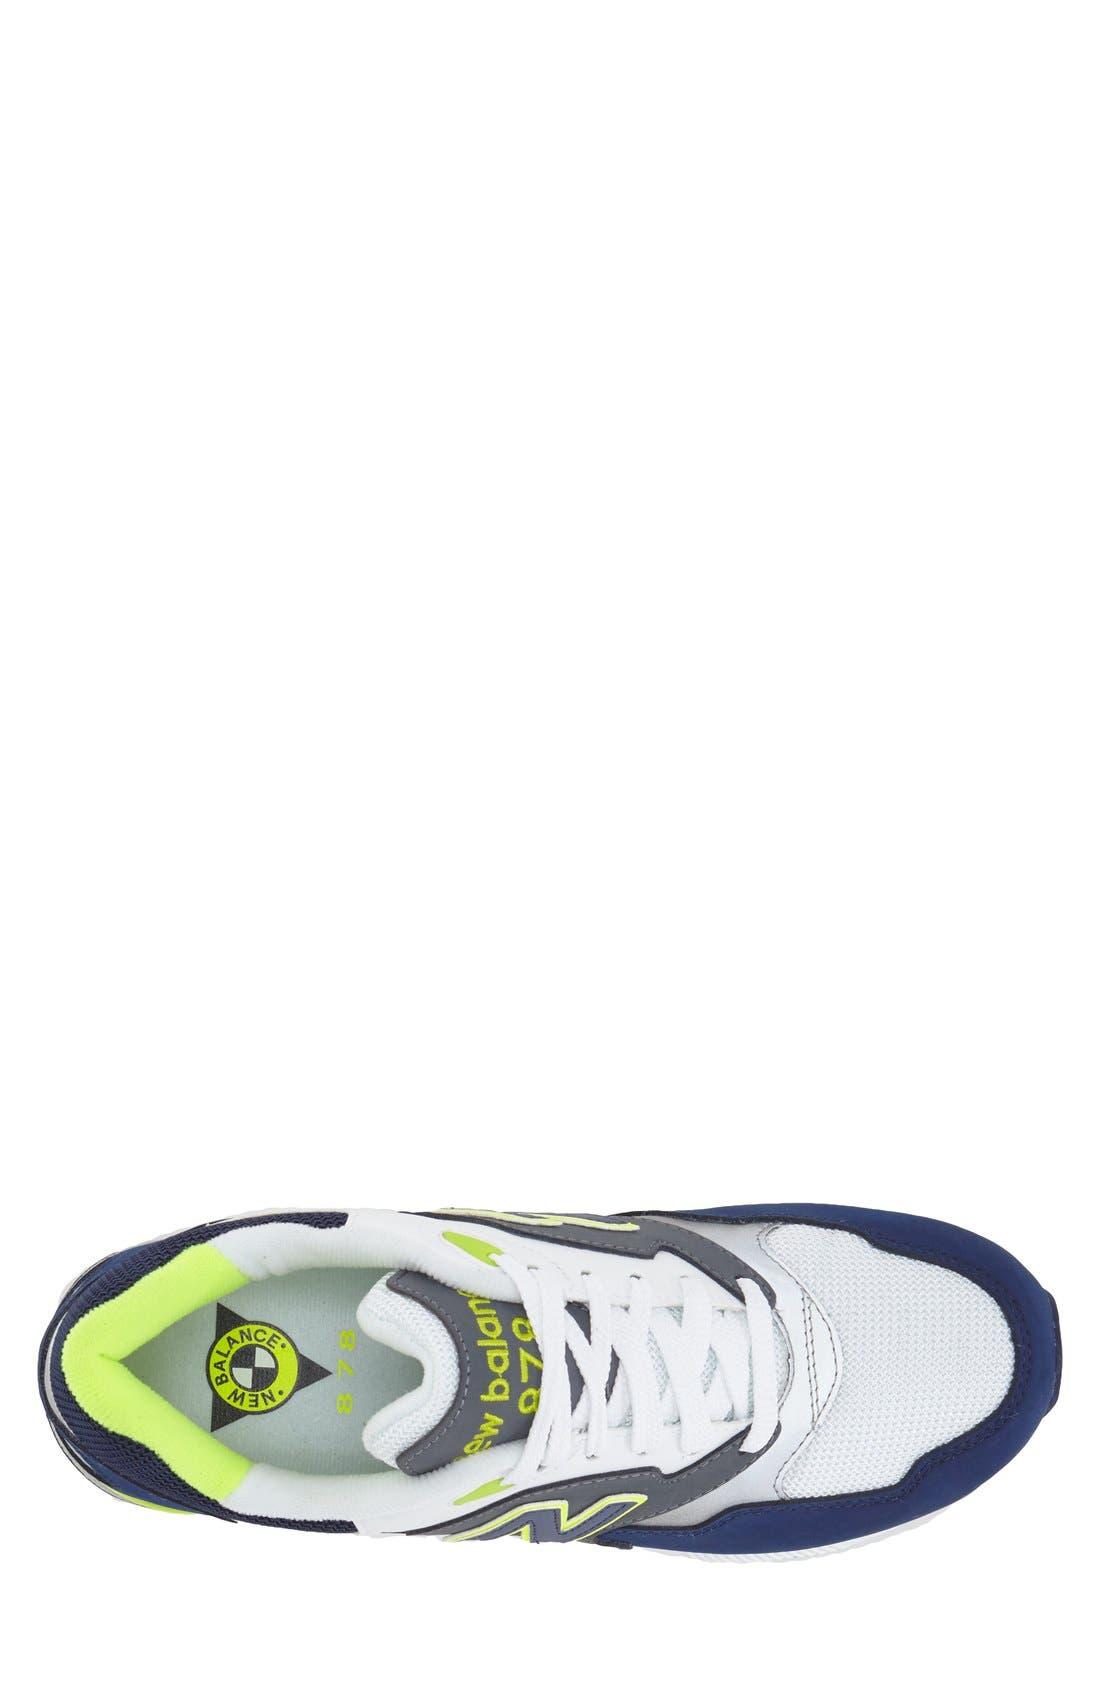 '878' Sneaker,                             Alternate thumbnail 2, color,                             033